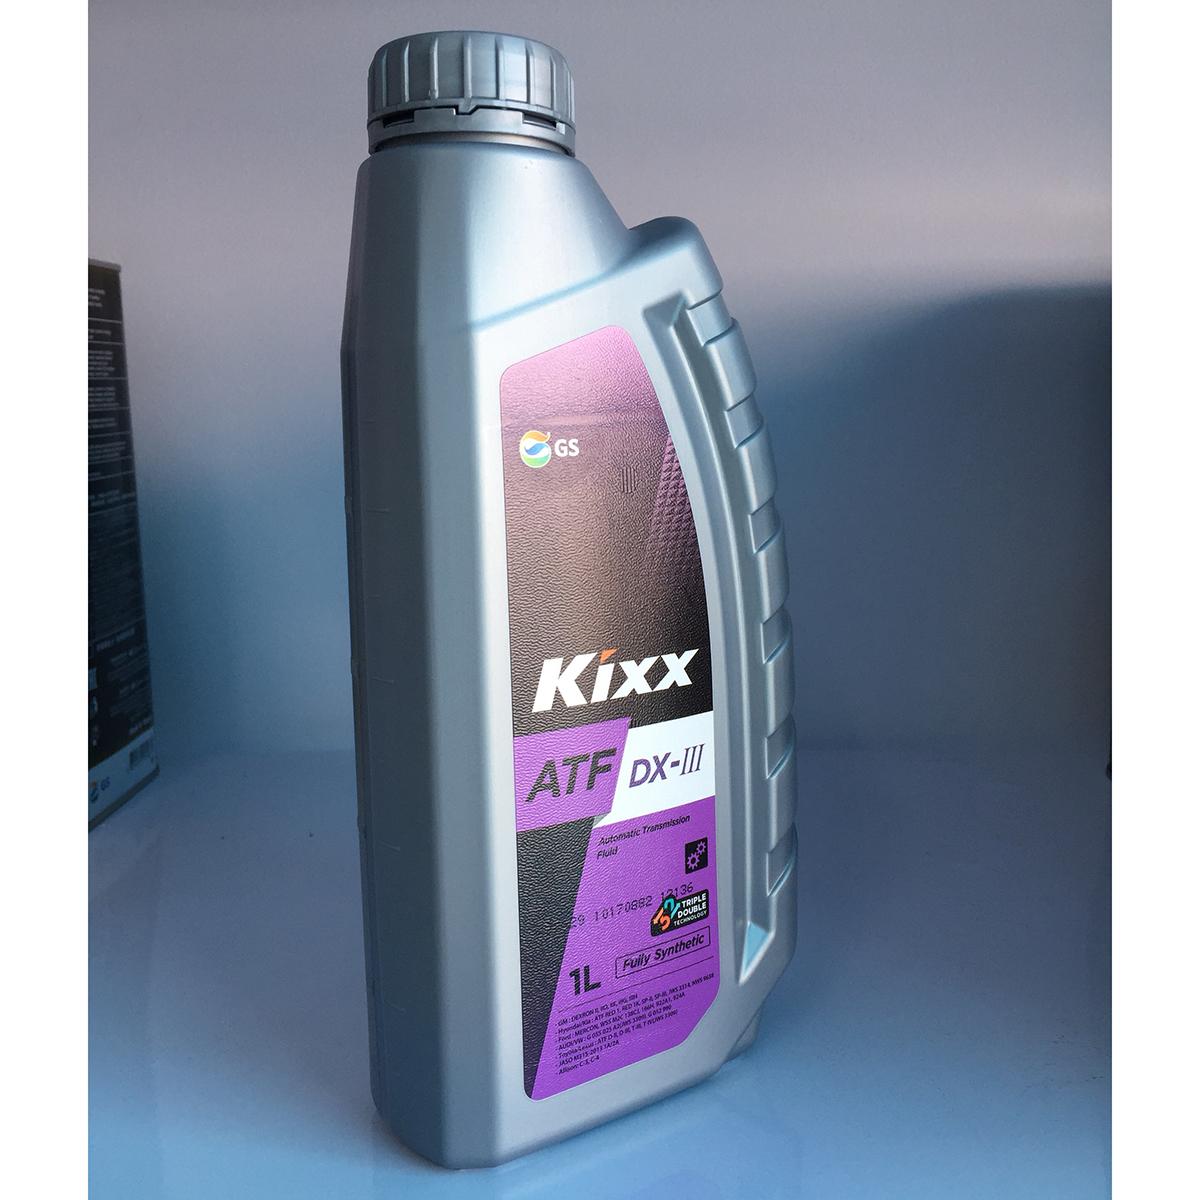 Dầu cho Hộp số Tự động Kixx ATF DX-III 1 lít Triple Double Technology